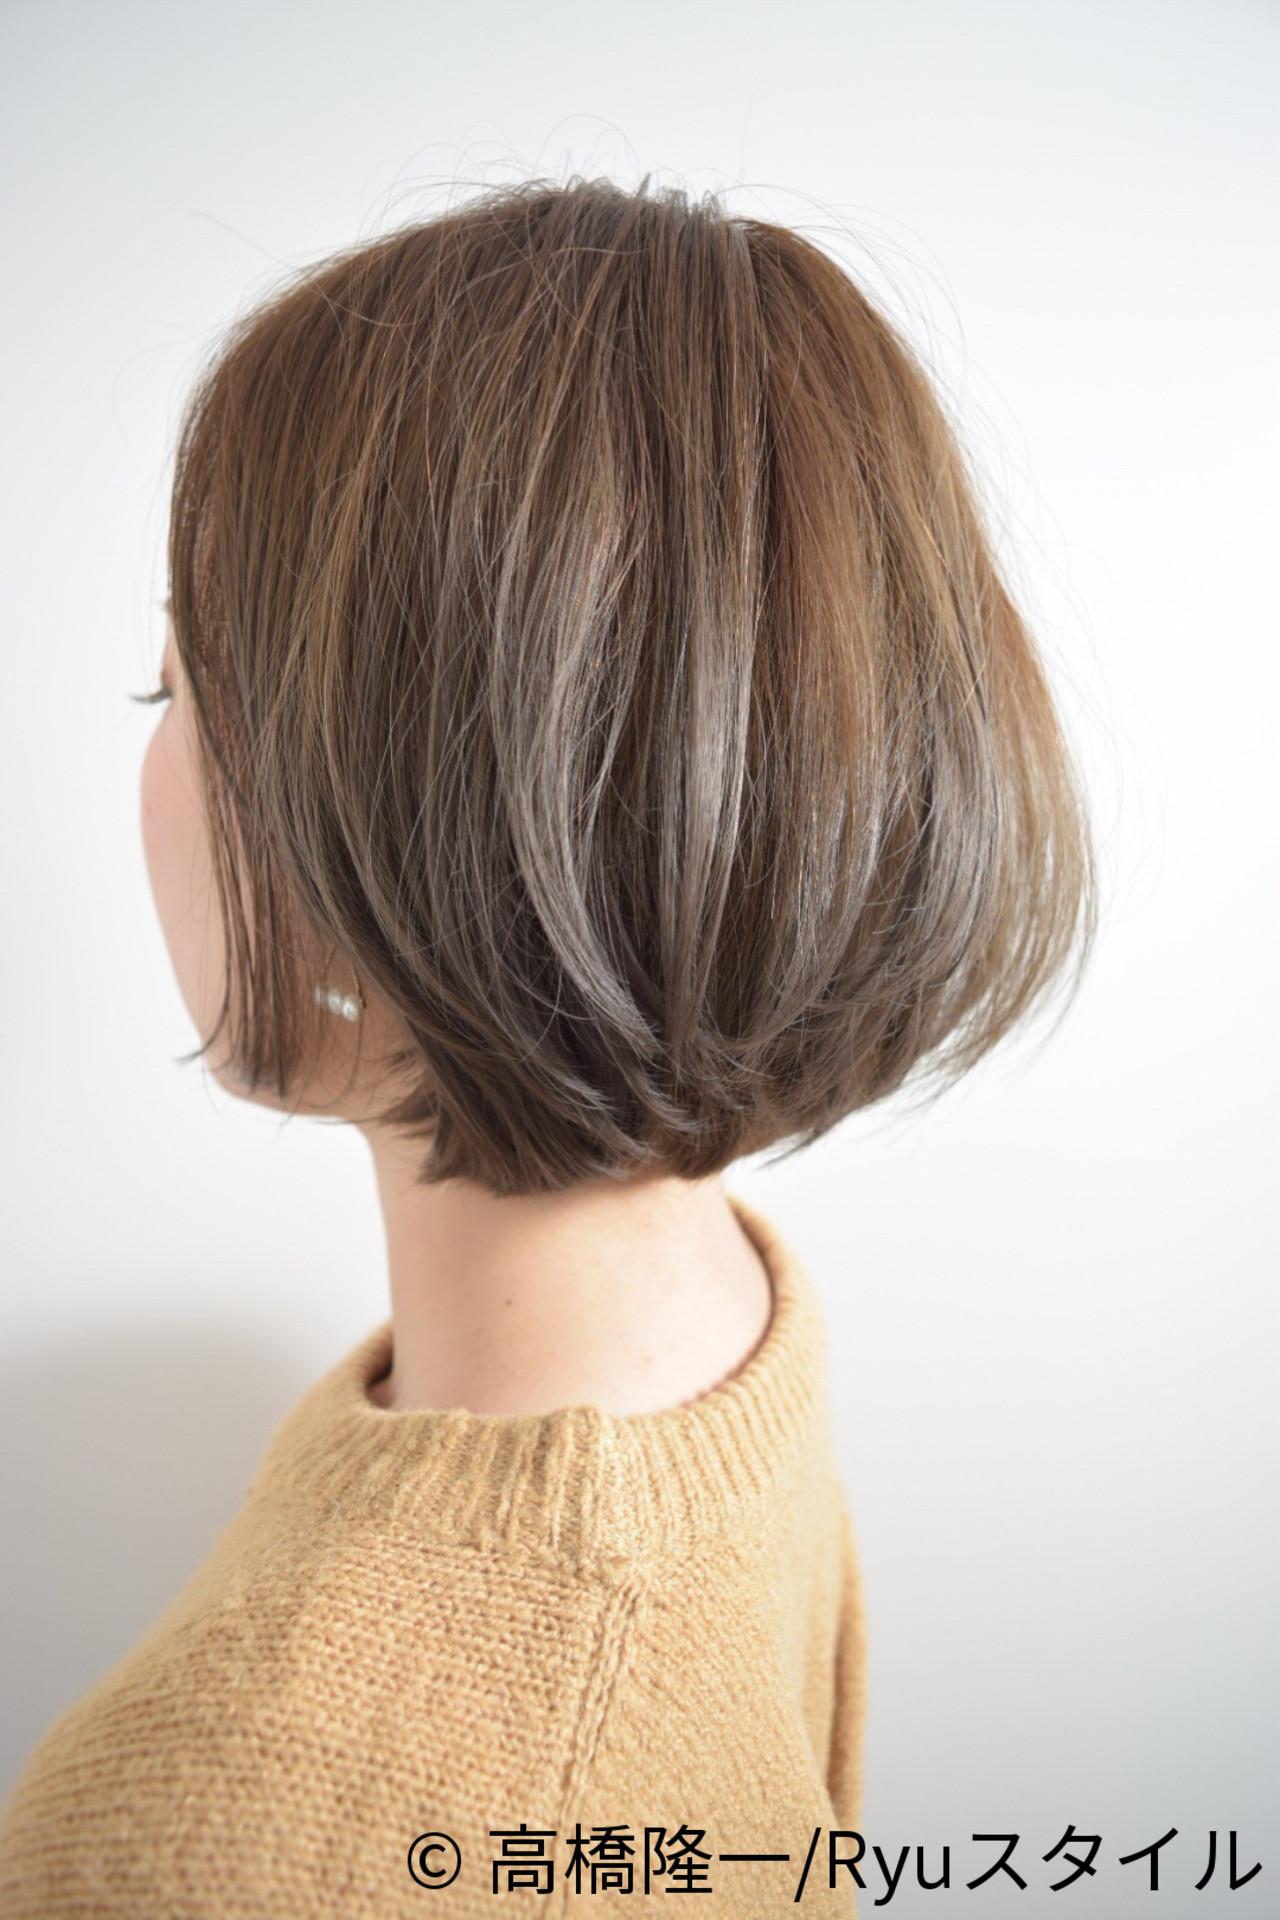 ナチュラル イルミナカラー ハイライト ショートボブ ヘアスタイルや髪型の写真・画像 | 高橋隆一/Ryuスタイル / hair&make  bis       group by ZEST